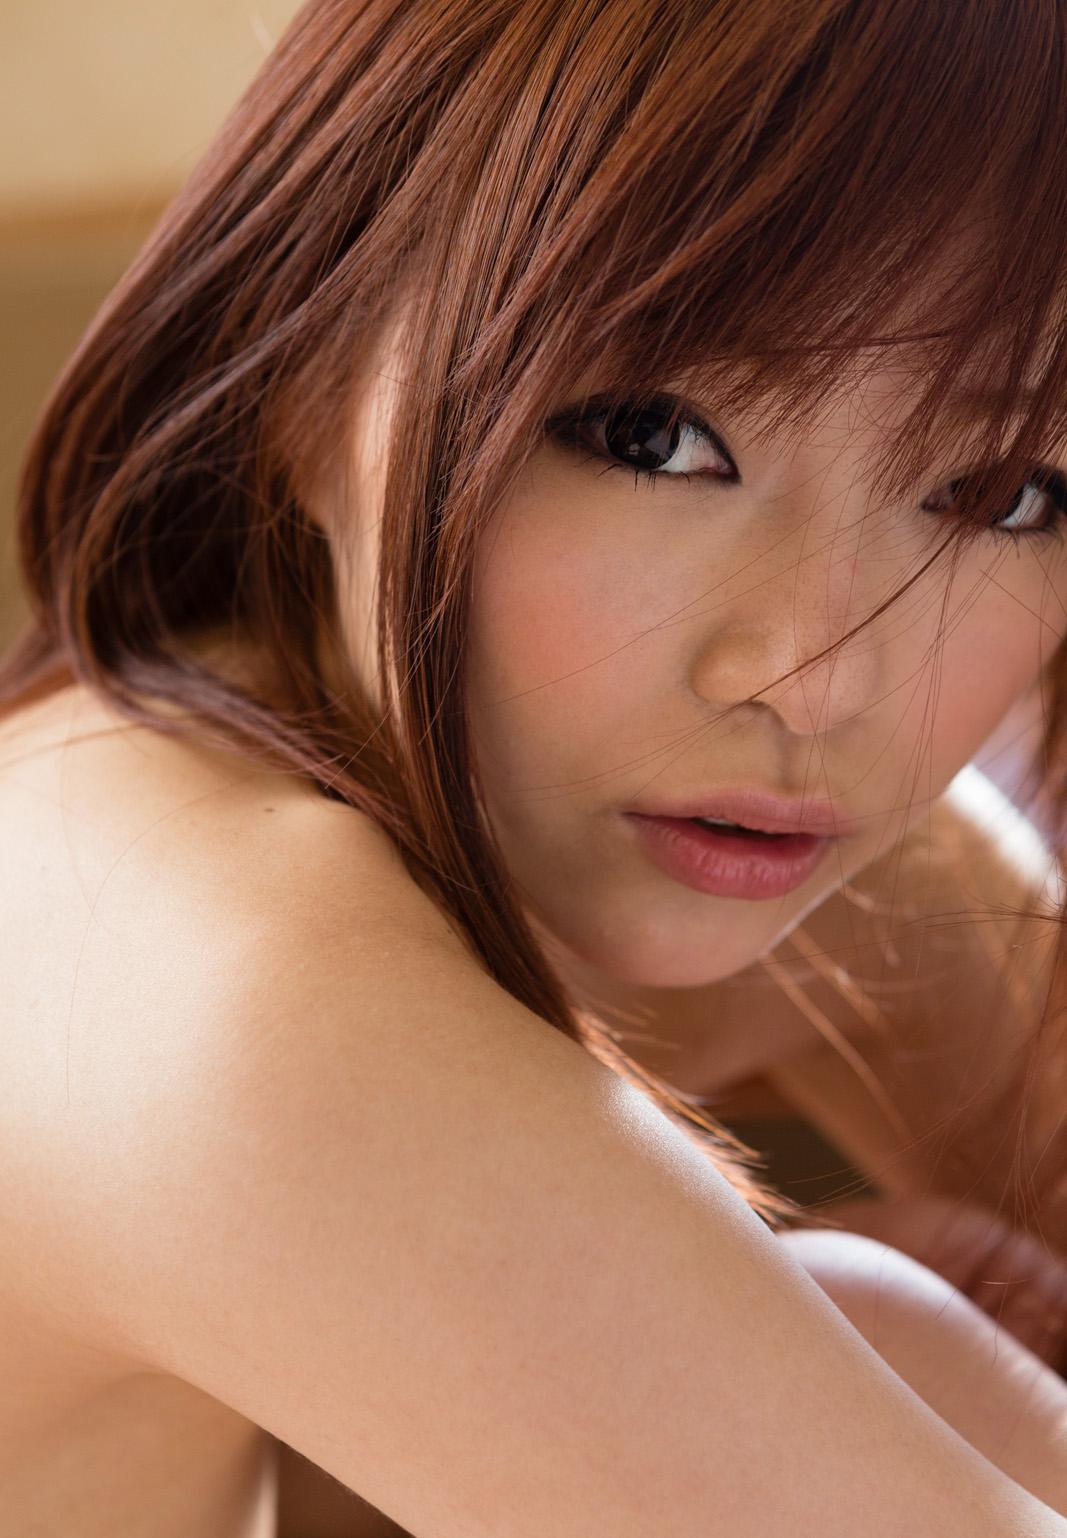 AV女優 MIYABI 画像 38